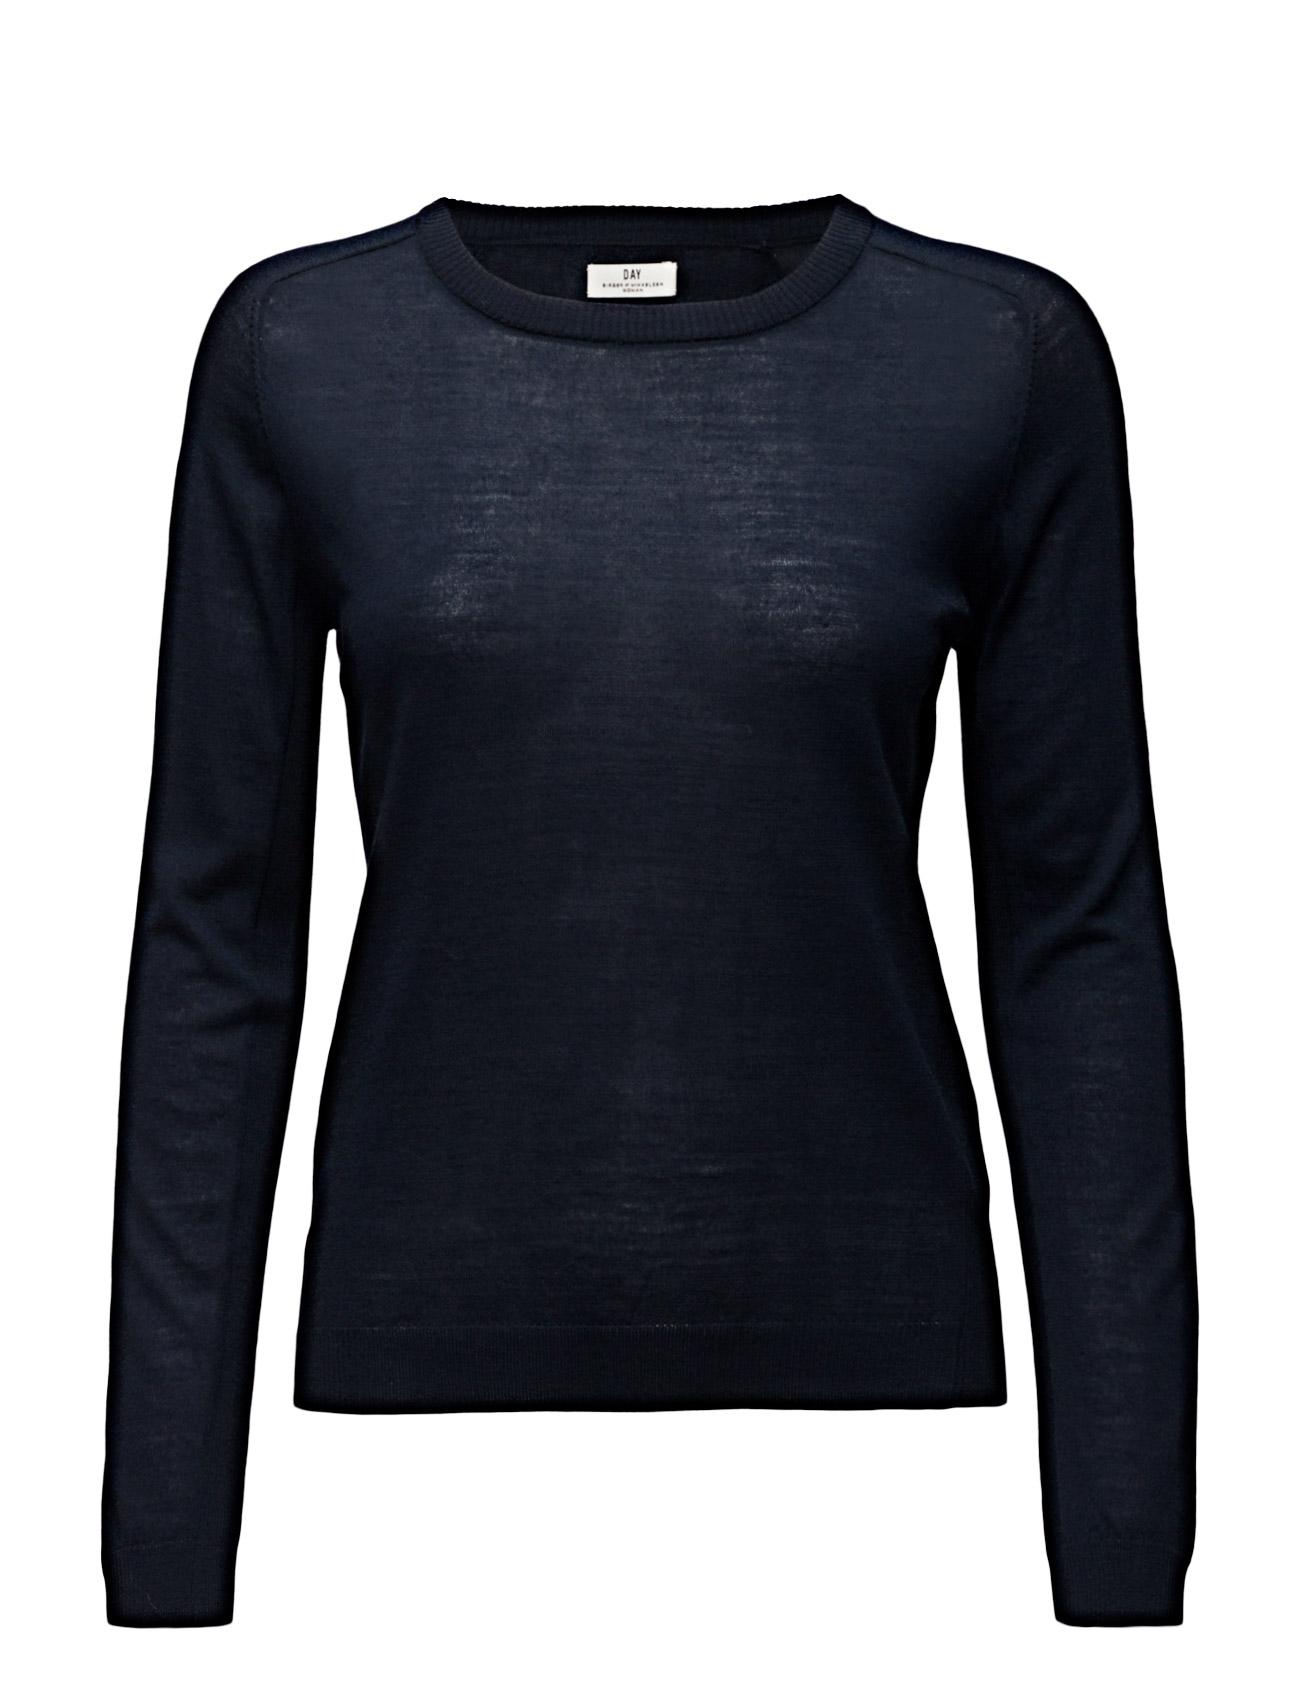 Day Whitney Day Birger et Mikkelsen Sweatshirts til Kvinder i Frø